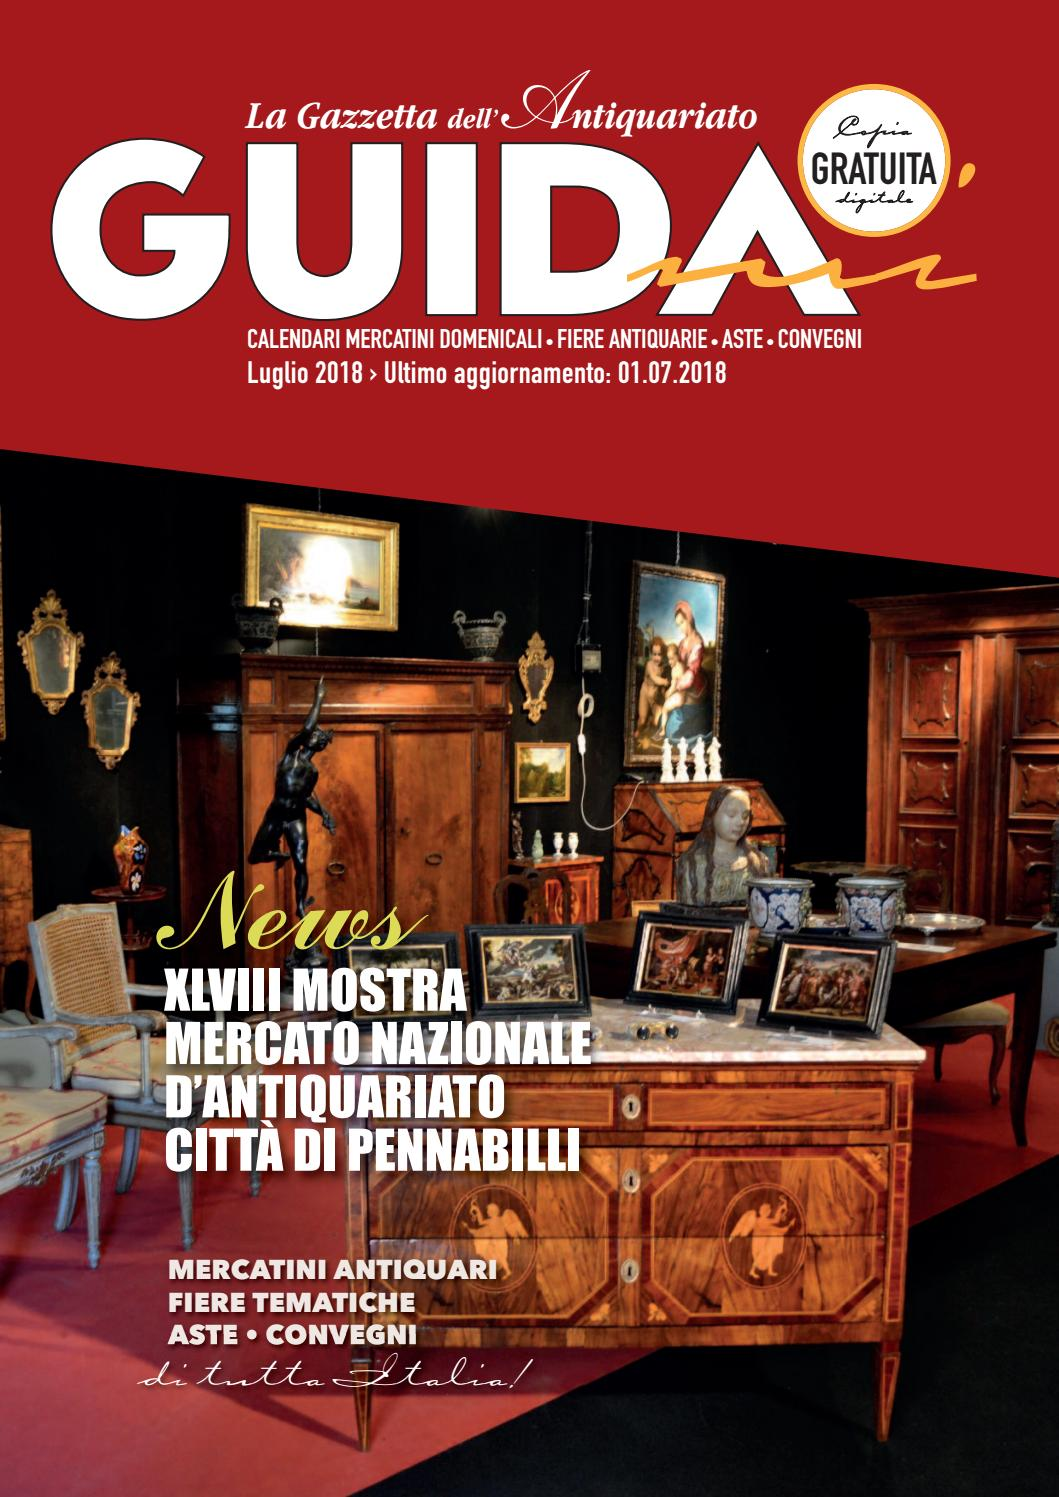 Calendario Mercatini Antiquariato Puglia.Guidami Luglio 2018 By La Gazzetta Dell Antiquariato Issuu